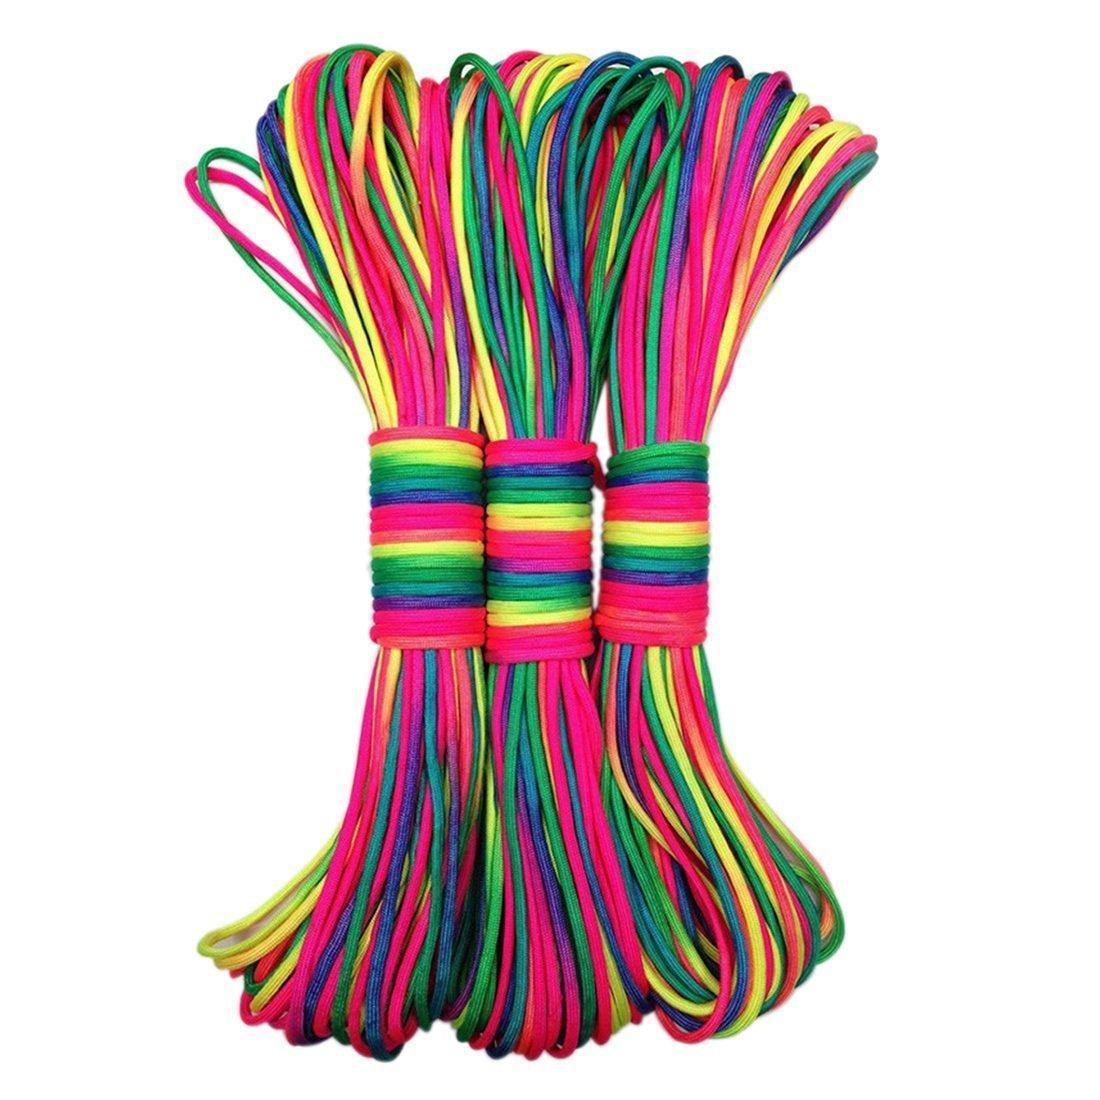 Leosi – 31 m langes Nylonseil in Regenbogenmuster, als Fallschirmschnur oder zum Flechten von Armbändern, aus 7 Strängen aus 7 Strängen 1 Stück